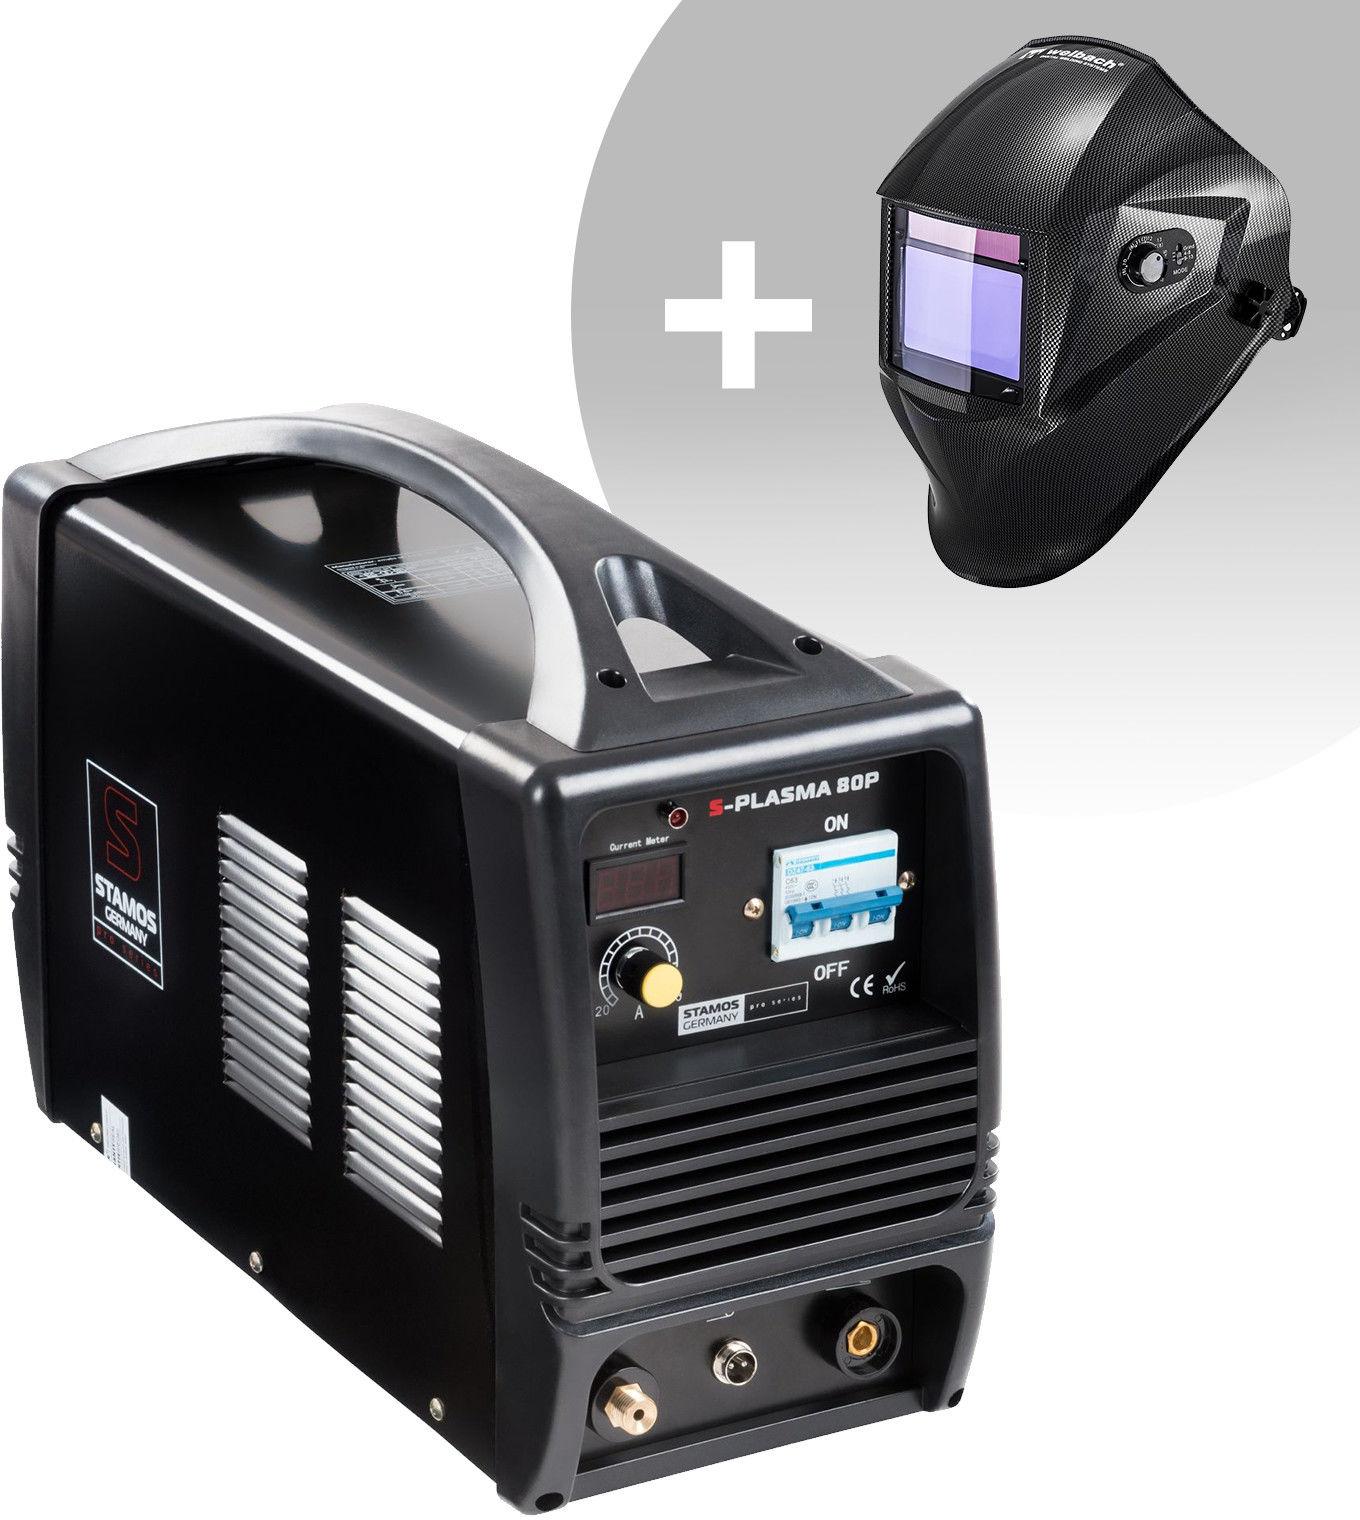 Przecinarka plazmowa - 80 A - 400 V + Maska spawalnicza - Carbonic - Professional - Stamos Pro Series - S-Plasma 80P - 3 lata gwarancji/wysyłka w 24h